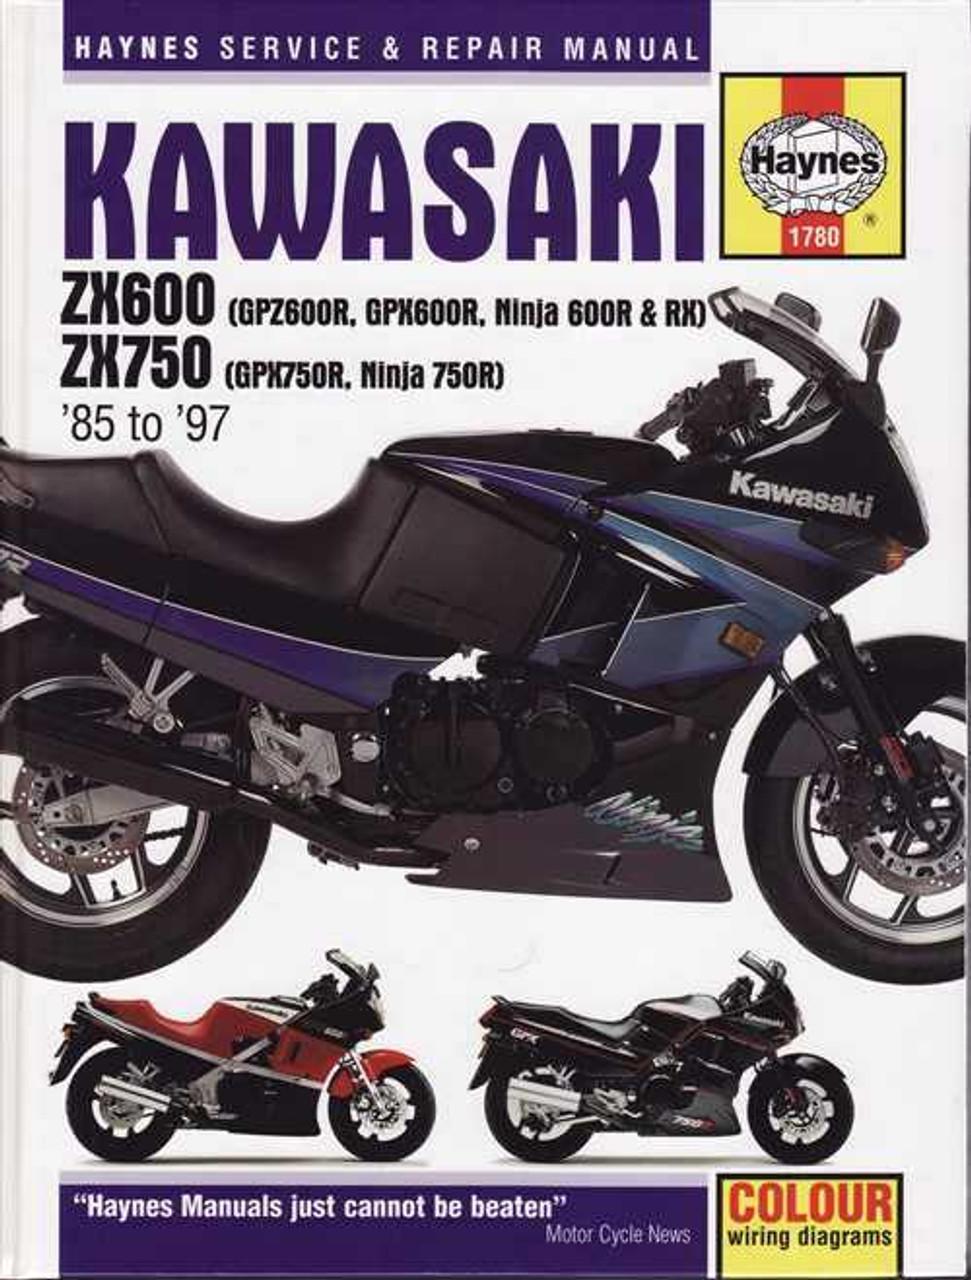 Kawasaki ZX600 GPZ600R GPDX600R Ninja 600R RX ZX750 GPX750R Ninja 750R on